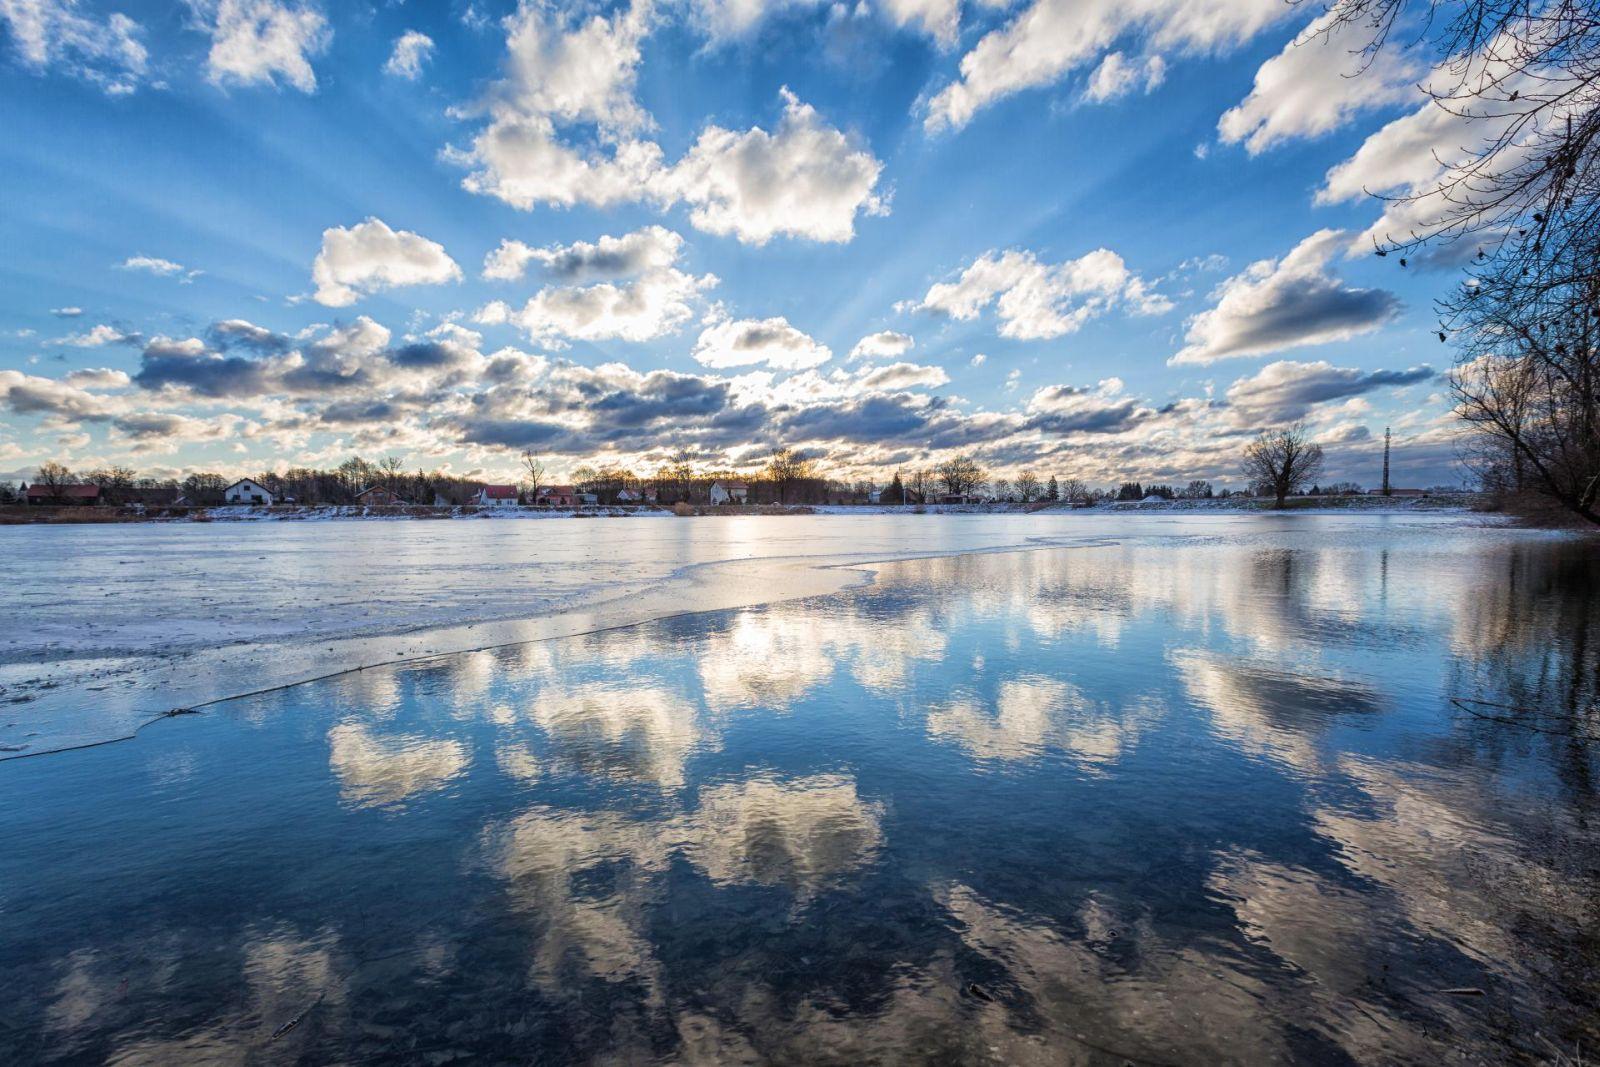 zima okolica zagreba